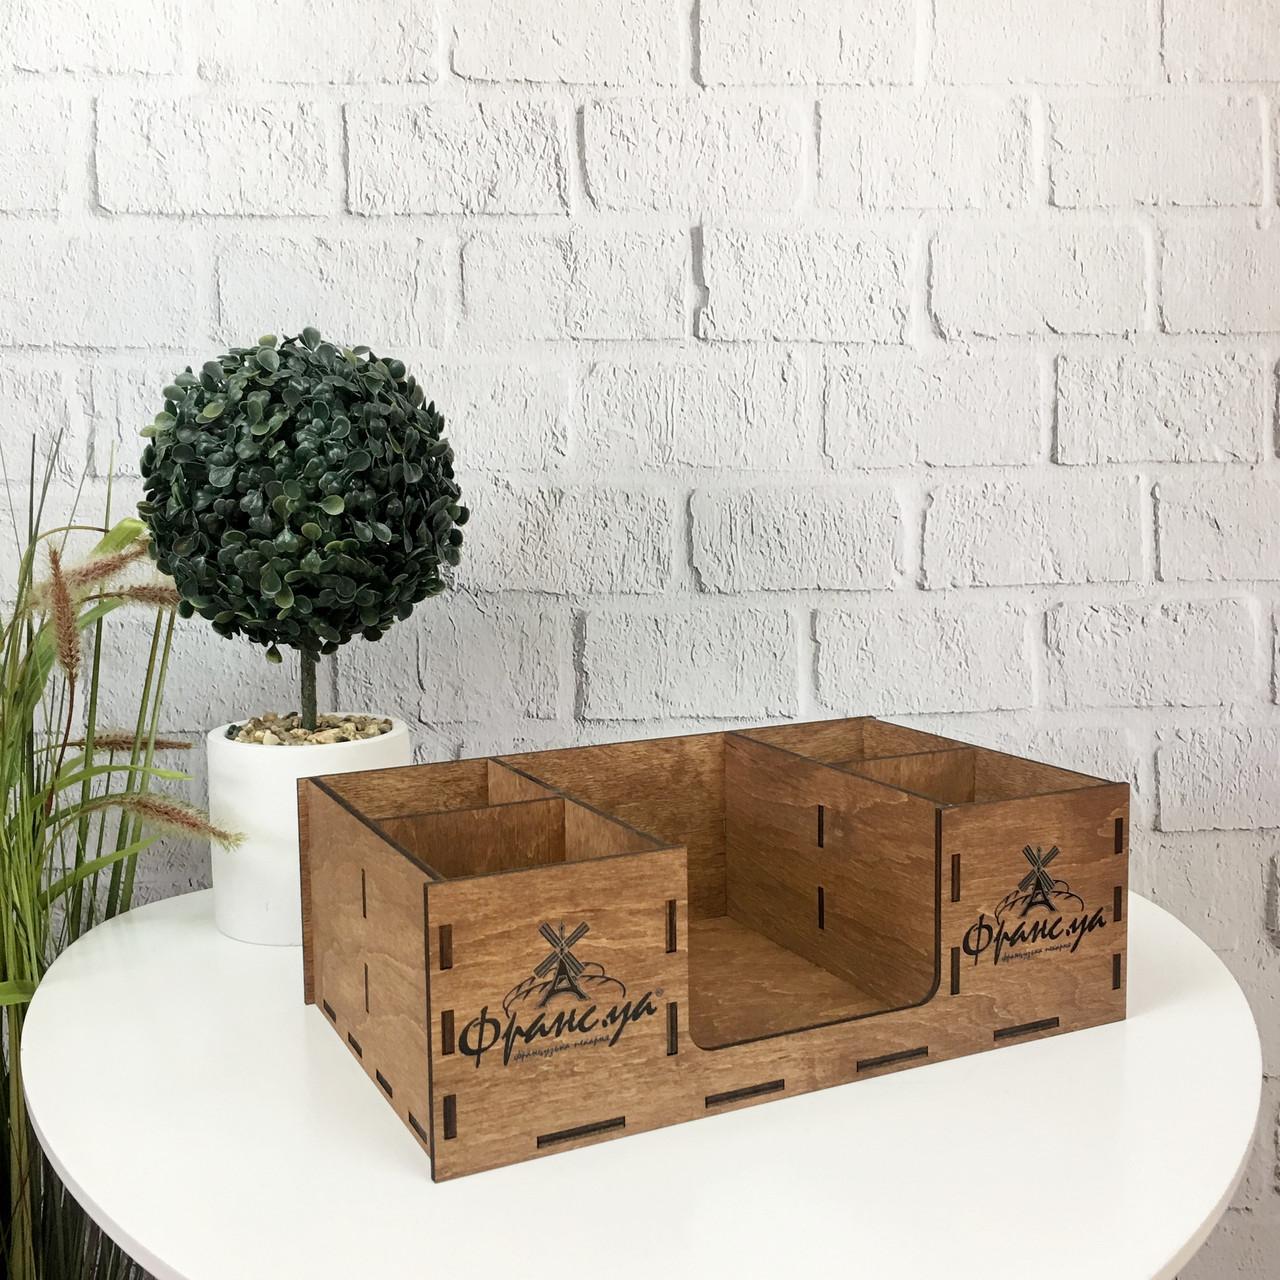 Настольный органайзер из дерева с логотипом на заказ